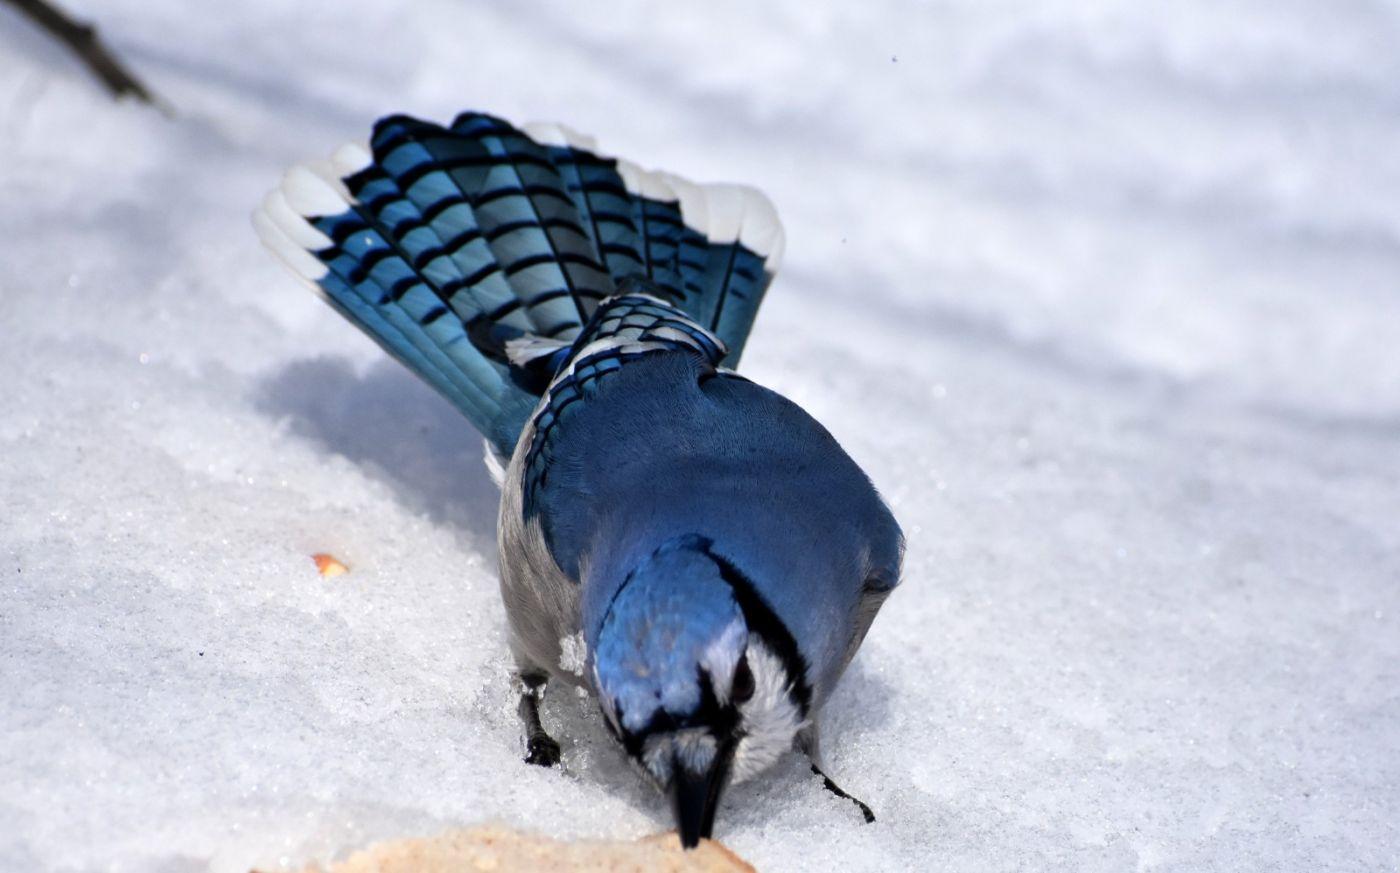 雪后鸟儿忙觅食_图1-27